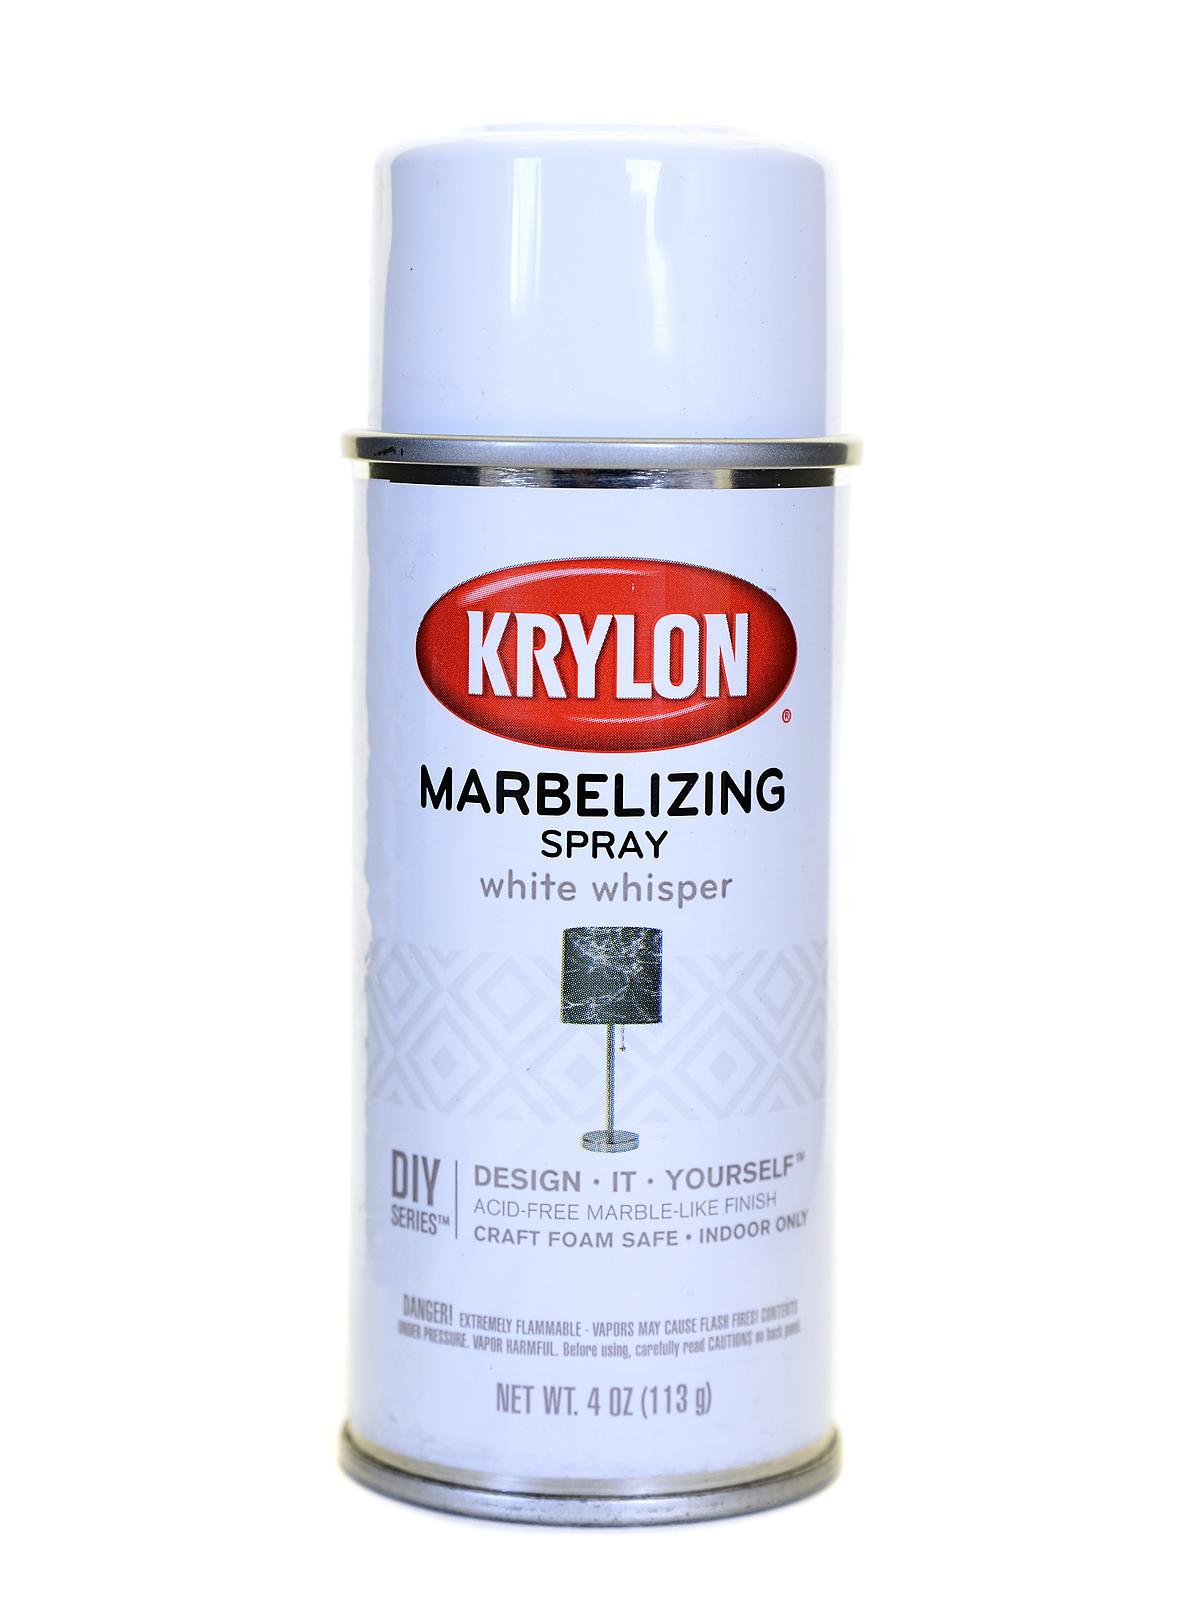 Krylon Marbelizing Spray